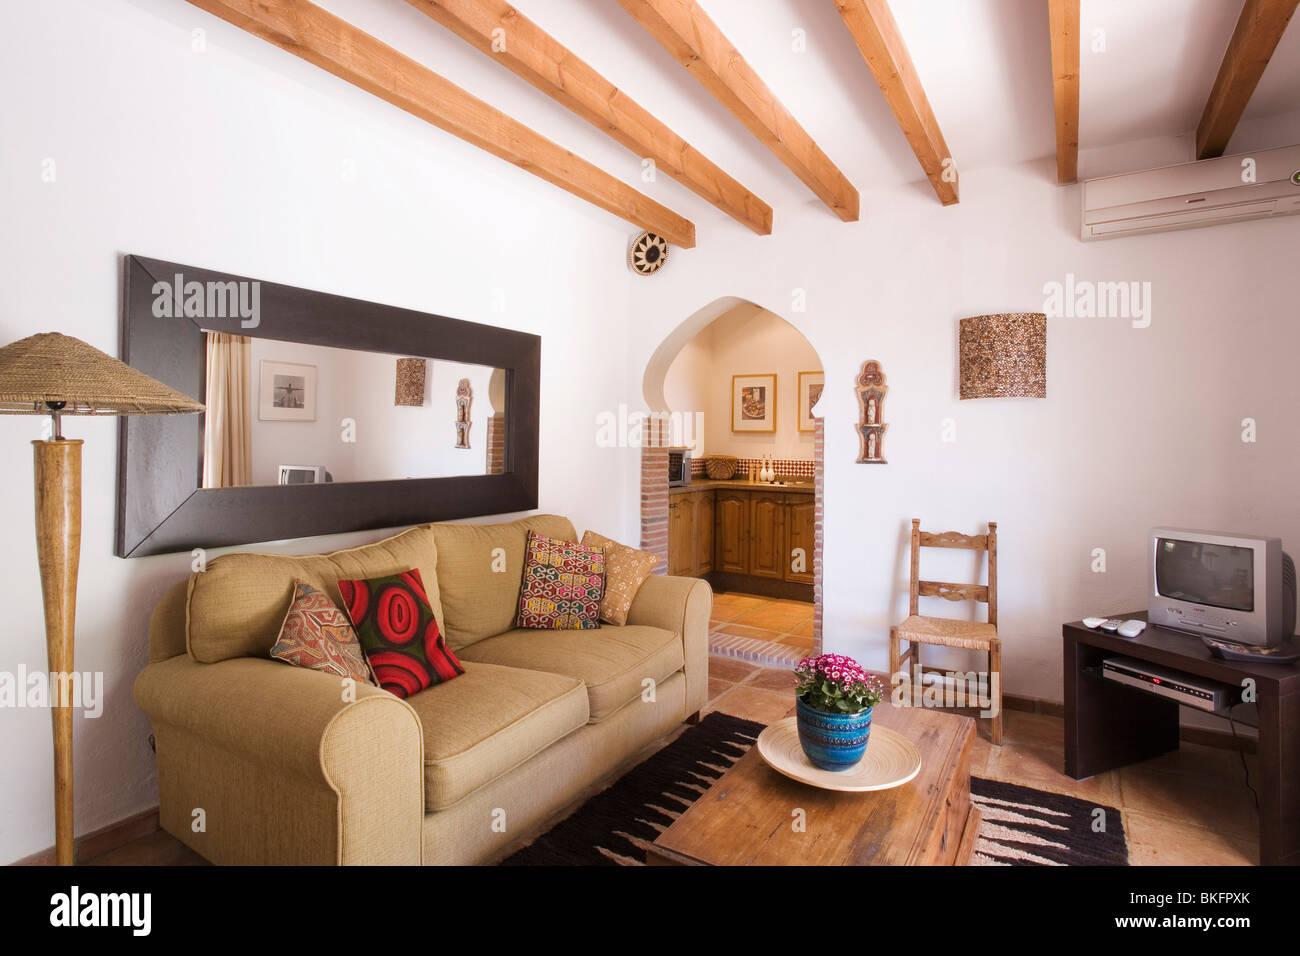 Große Rechteckige Spiegel über Beige Sofa Im Wohnzimmer Holzbalken  Spanischen Land